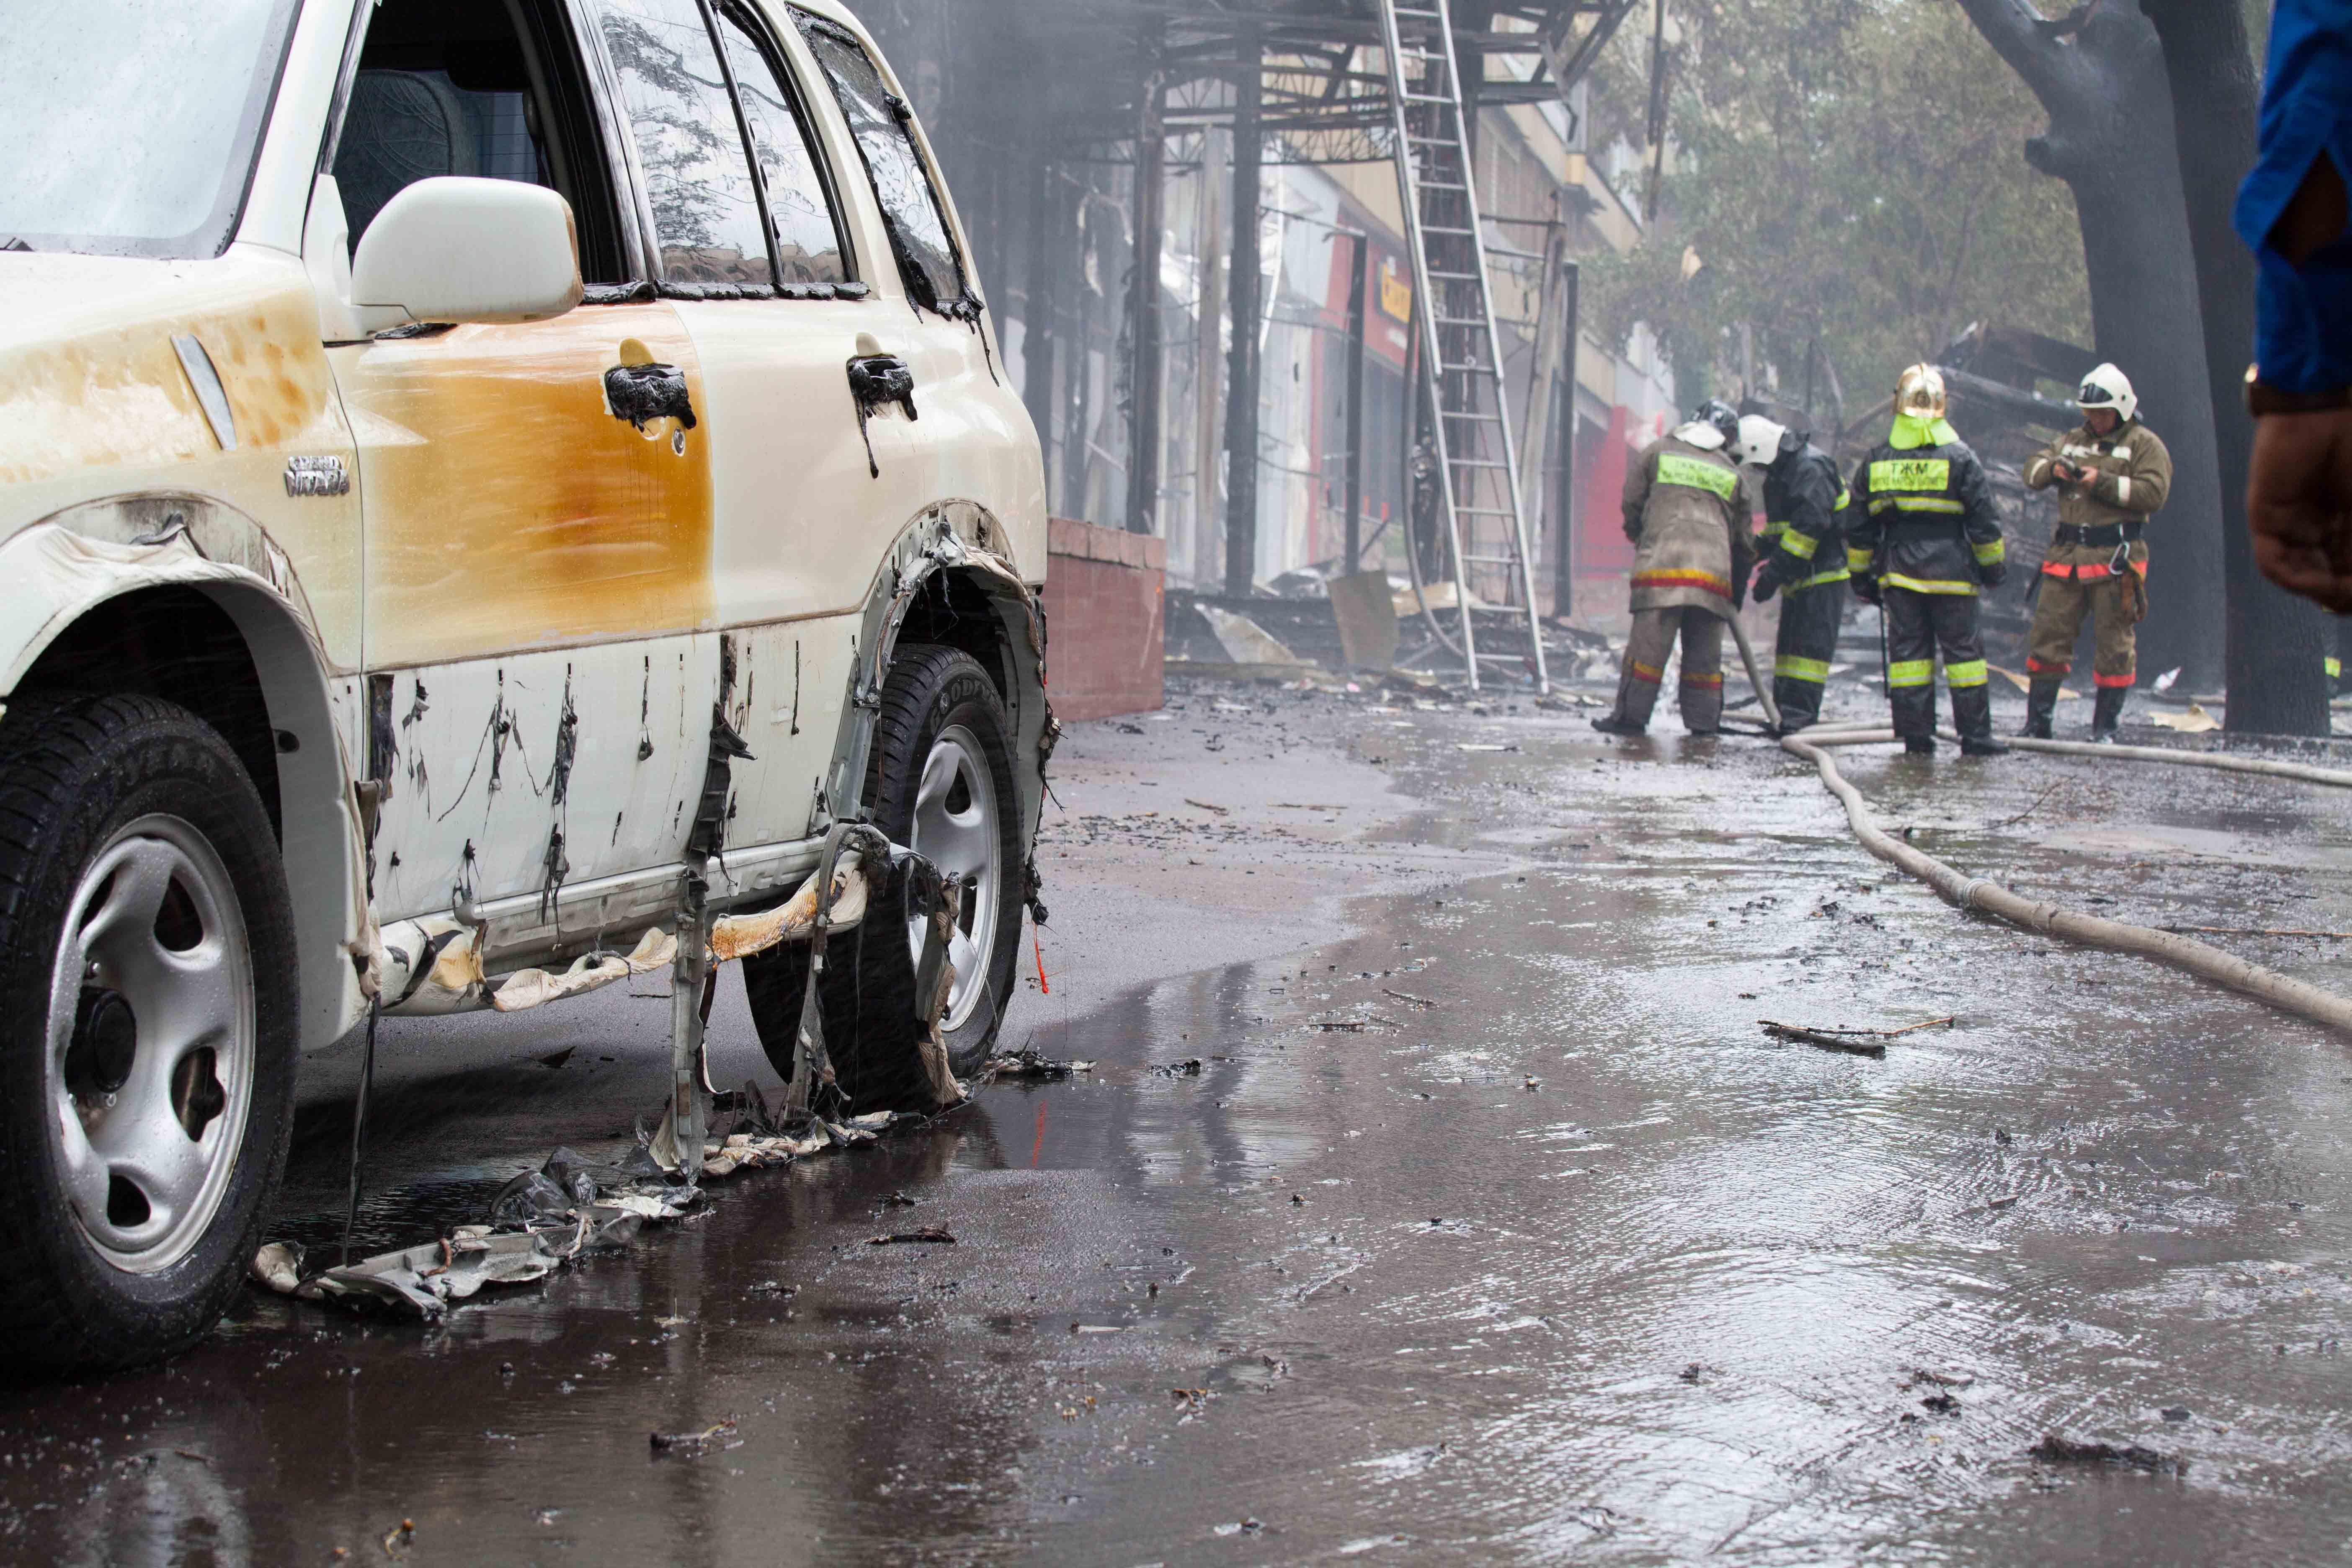 Ранее сообщалось о том, что повреждены 12 автомобилей. Сгоревшие машины отправлены на городскую стоянку, будет проведена следственная экспертиза.